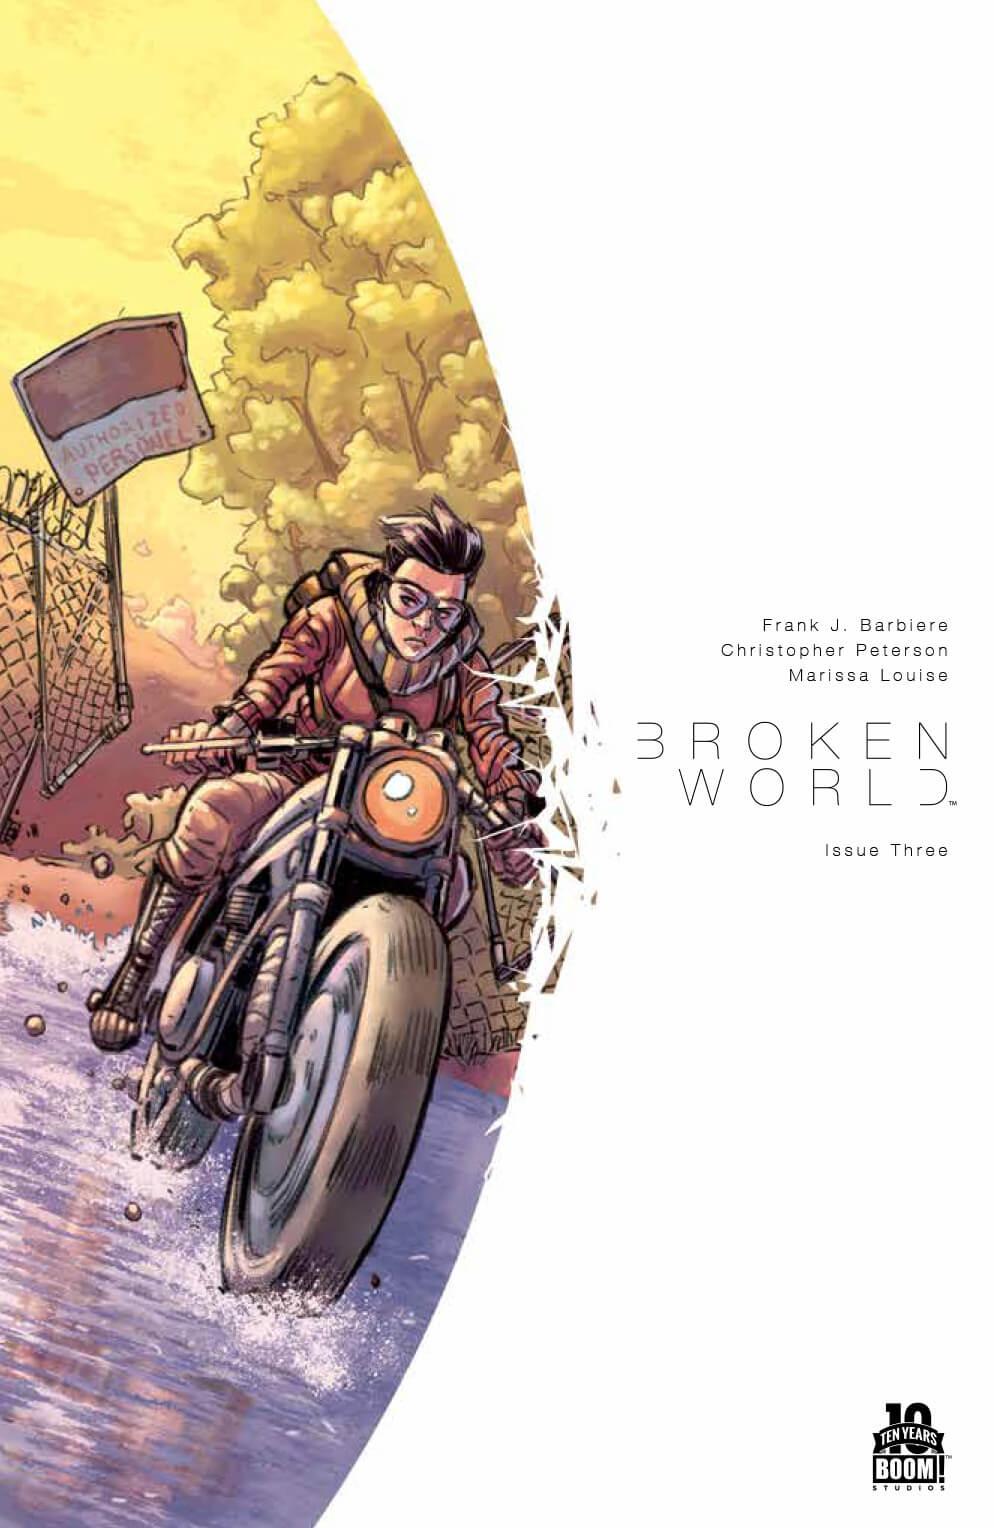 BrokenWorld_003_A_Main